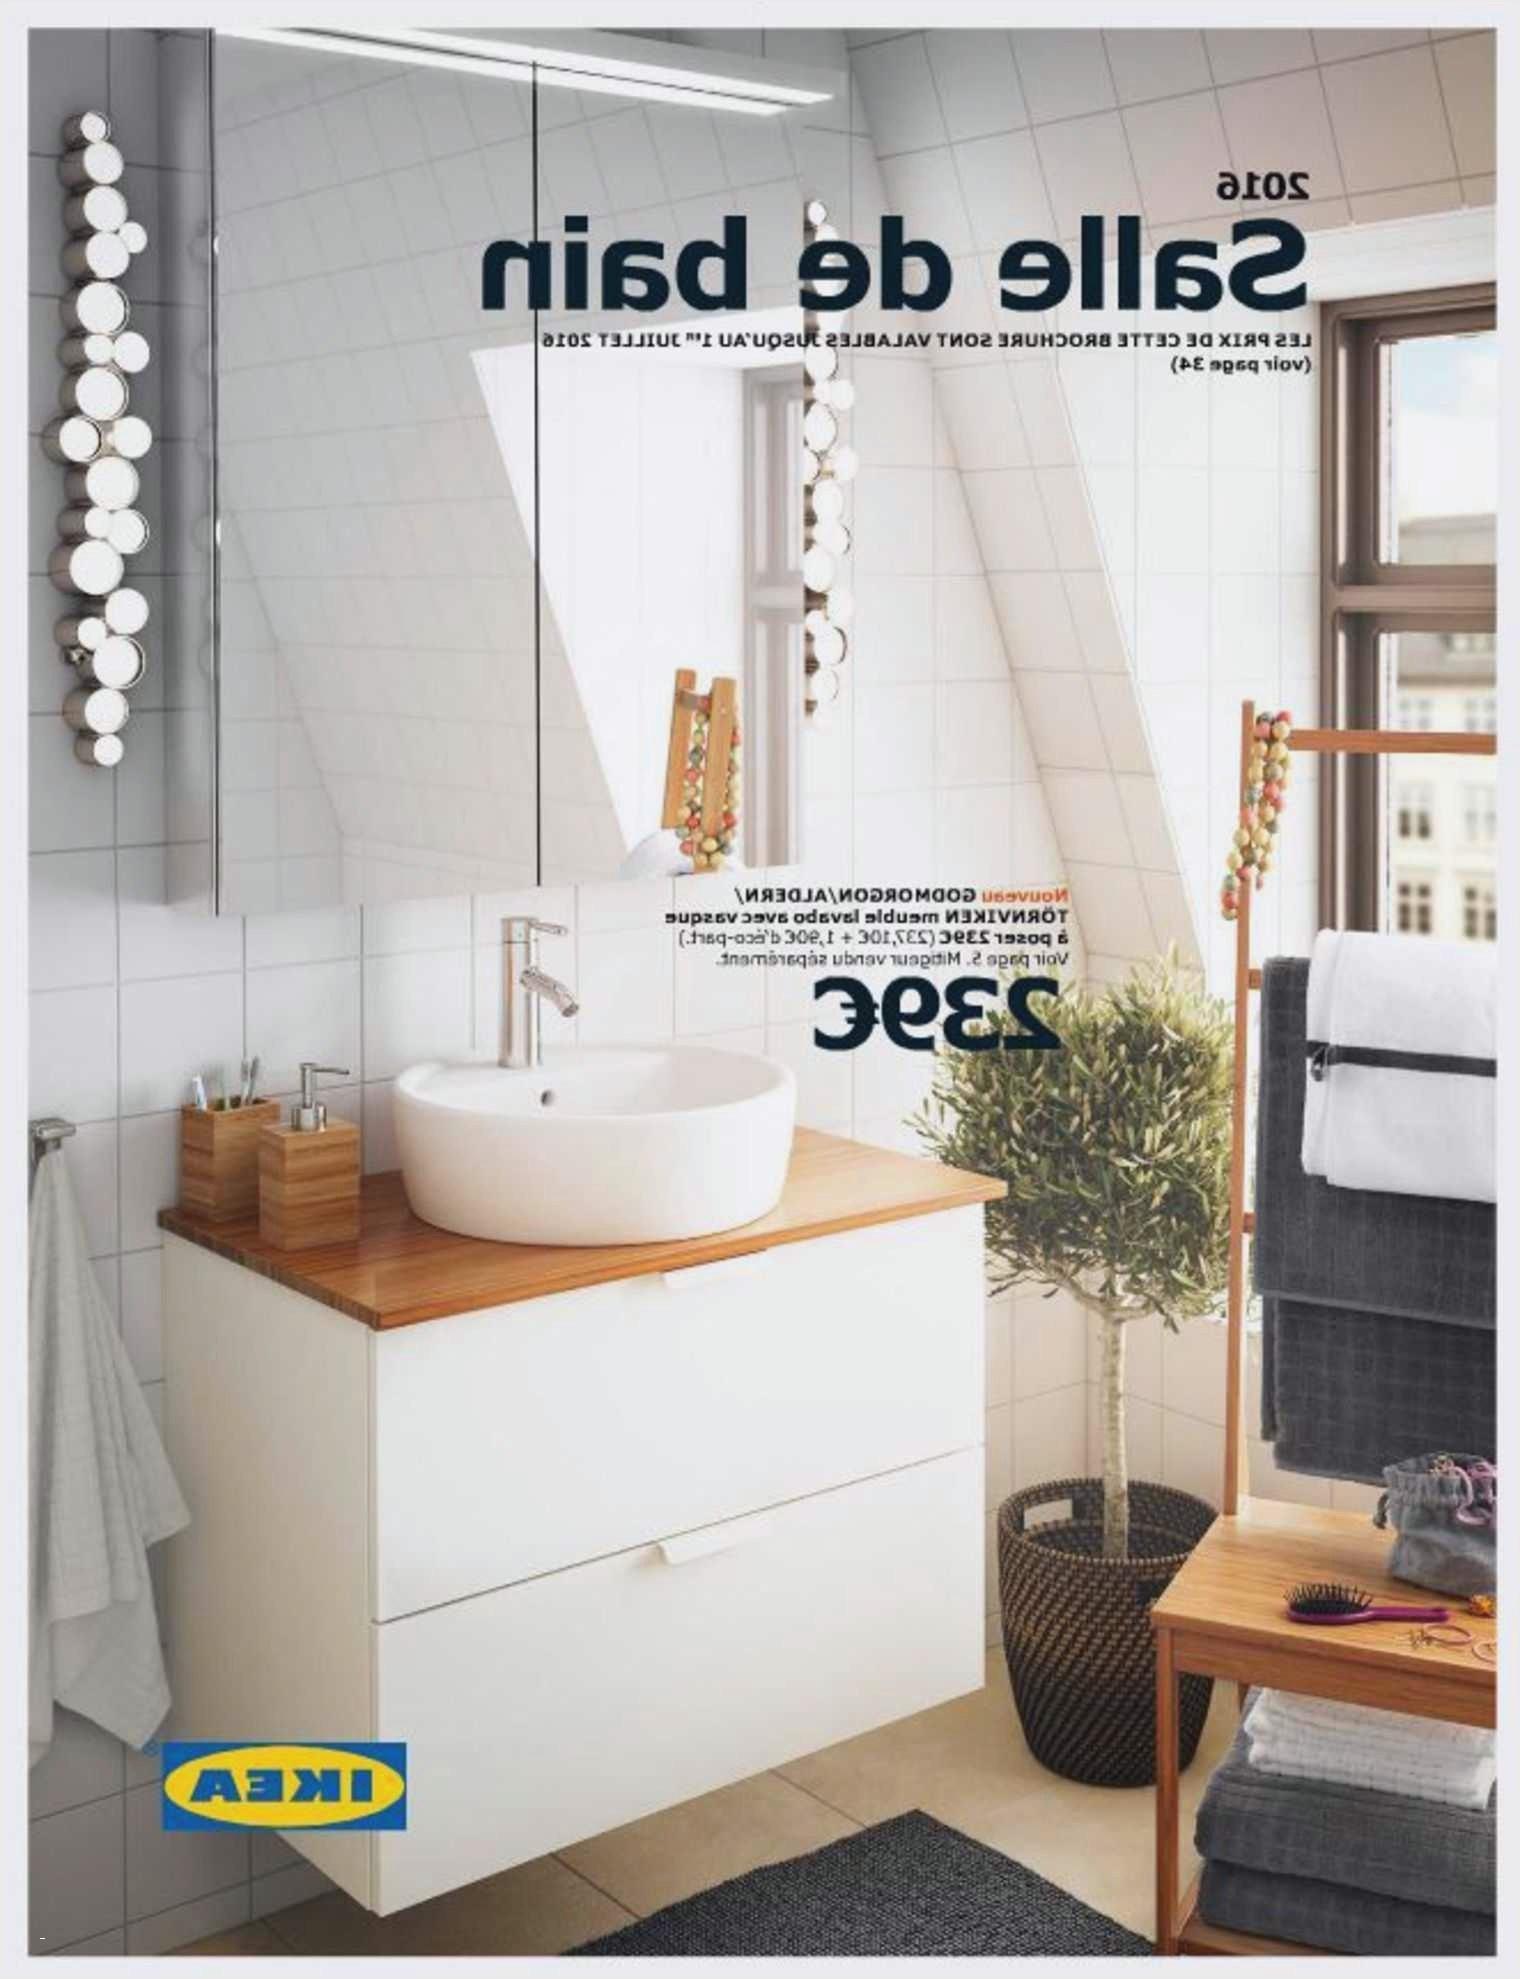 Conception Salle De Bain Ikea Inspirant Collection Bien Extérieur Idées De Design Dans Le Respect De Salle De Bain Ikea